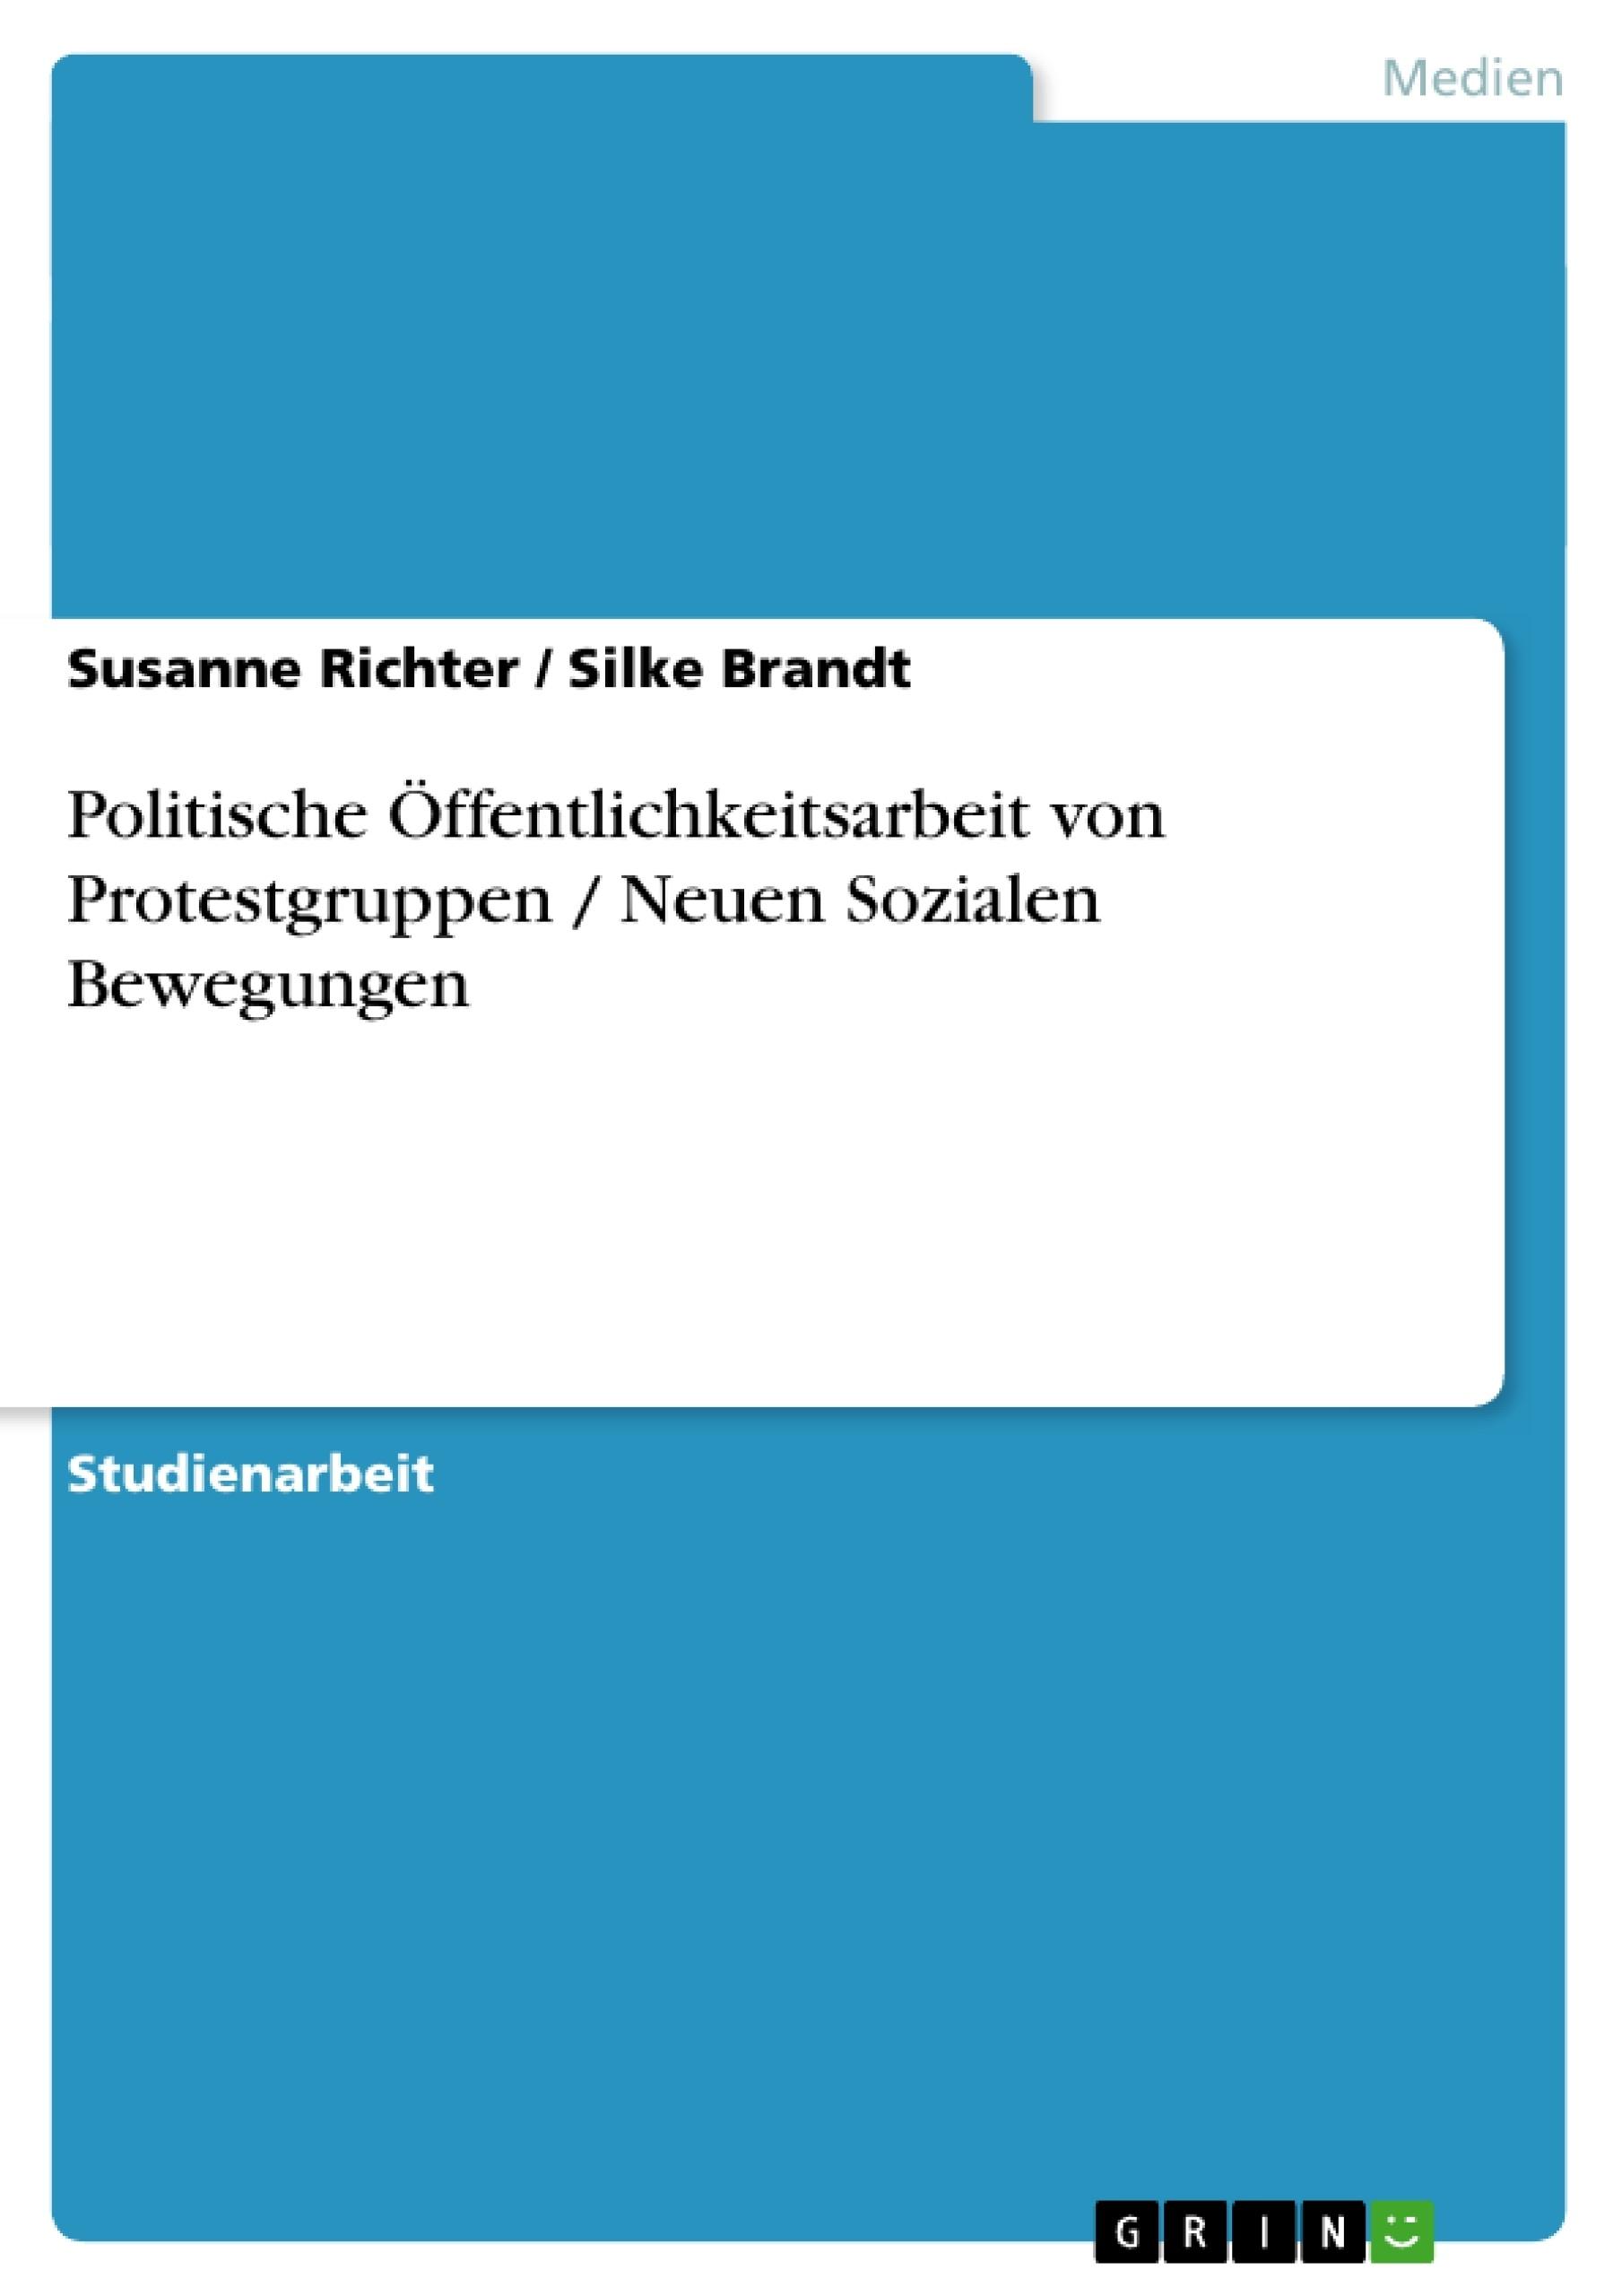 Titel: Politische Öffentlichkeitsarbeit von Protestgruppen / Neuen Sozialen Bewegungen